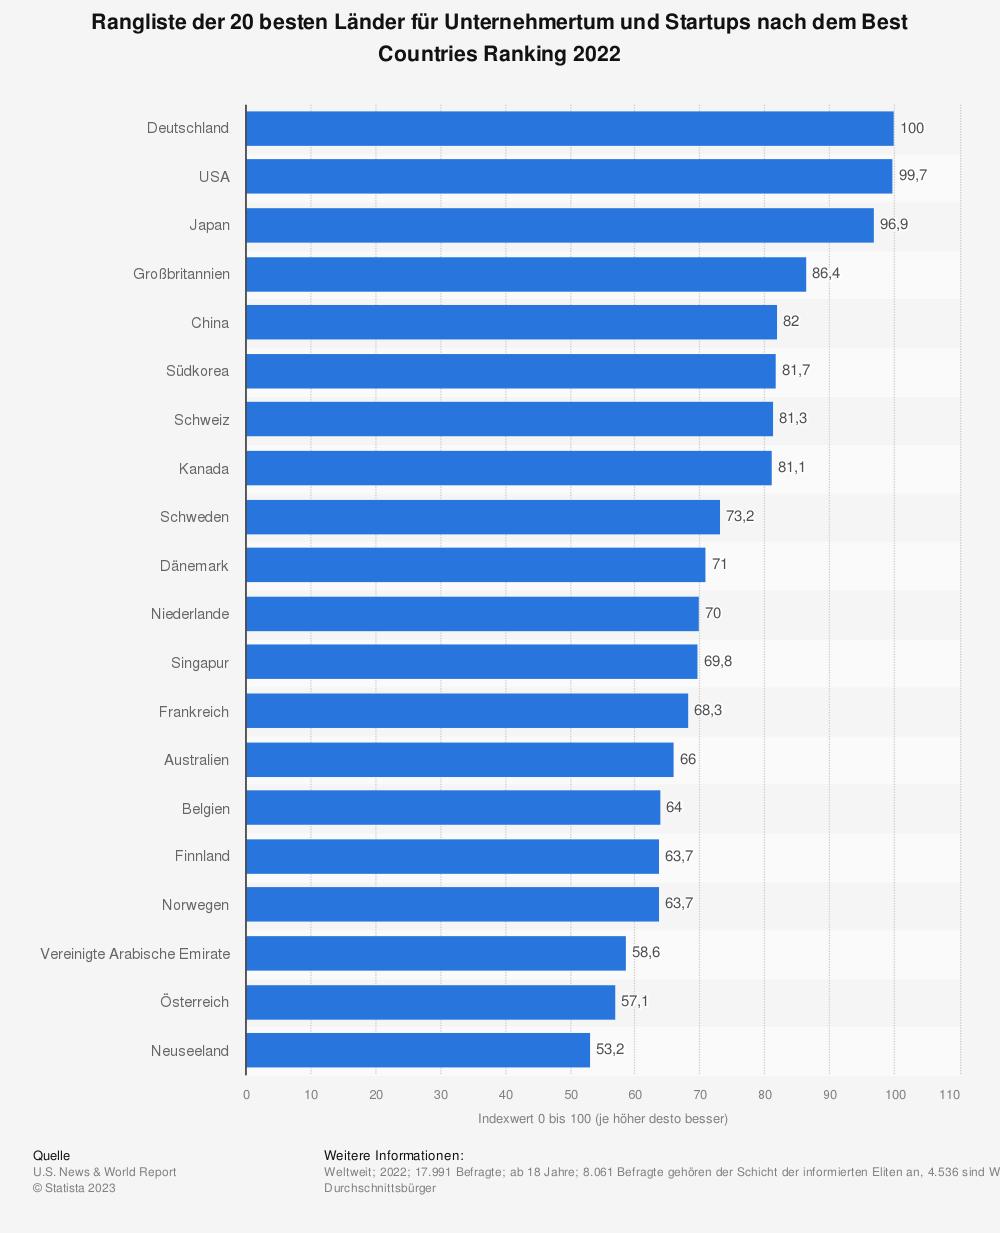 Statistik: Ranking der 20 besten Länder für Unternehmertum und Startups nach dem Best Countries Ranking 2017 | Statista